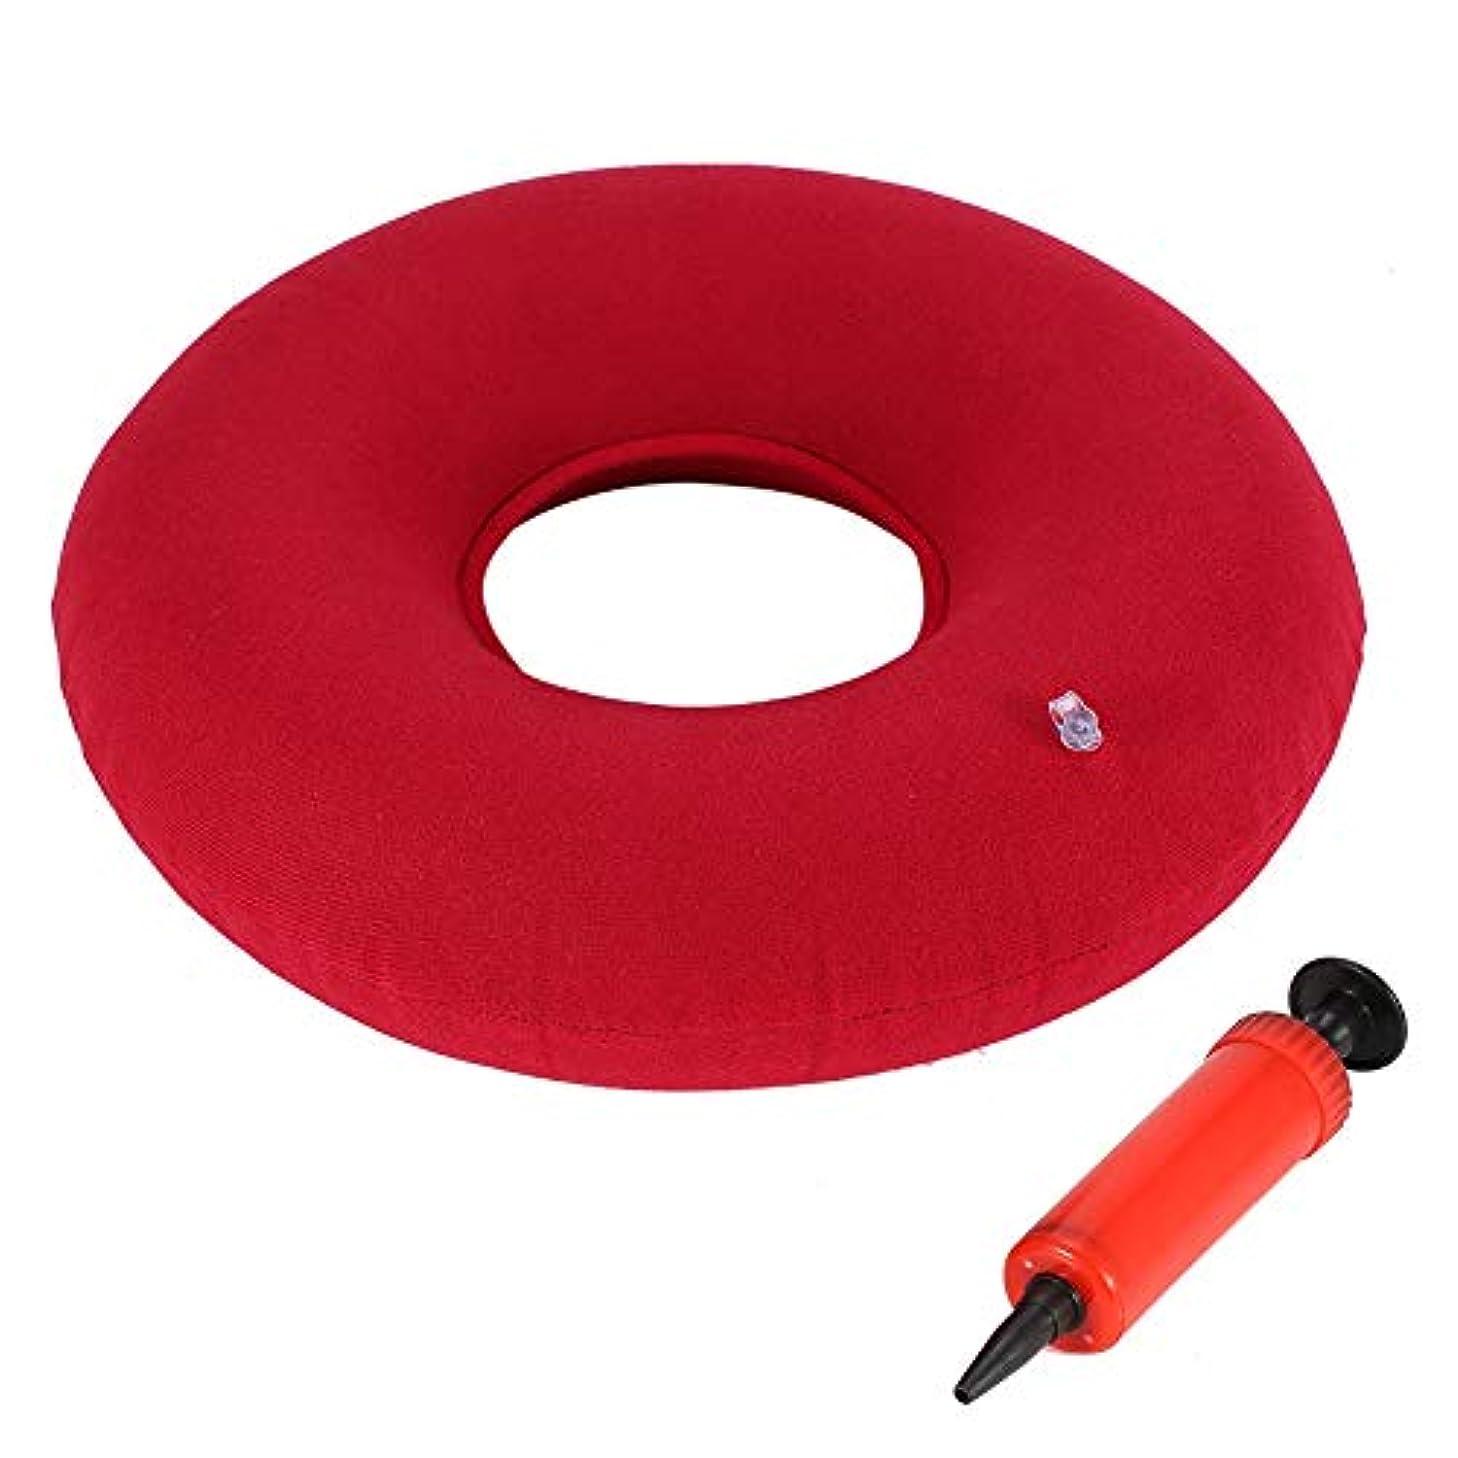 欺く評価する添付シートクッション、3色新しいインフレータブルラウンドチェアパッドヒップサポート痔シートクッション付きポンプ(赤)